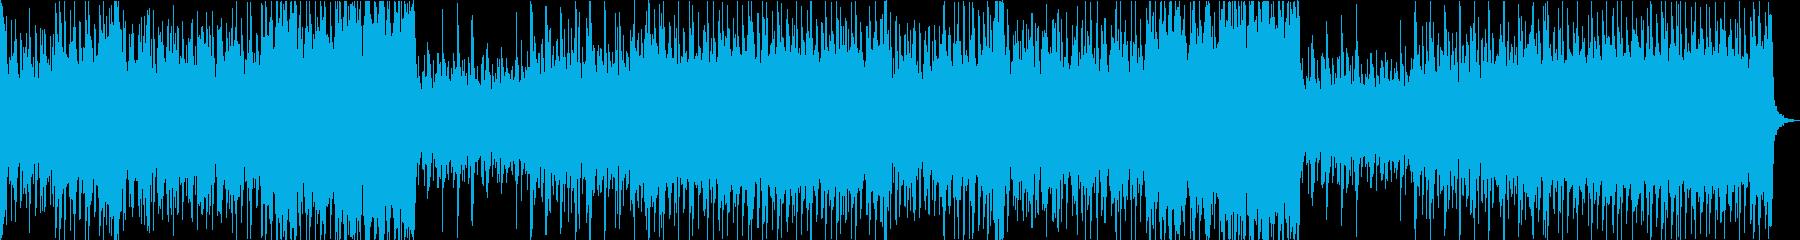 和風オーケストラ戦闘曲/壮大/尺八/琴の再生済みの波形